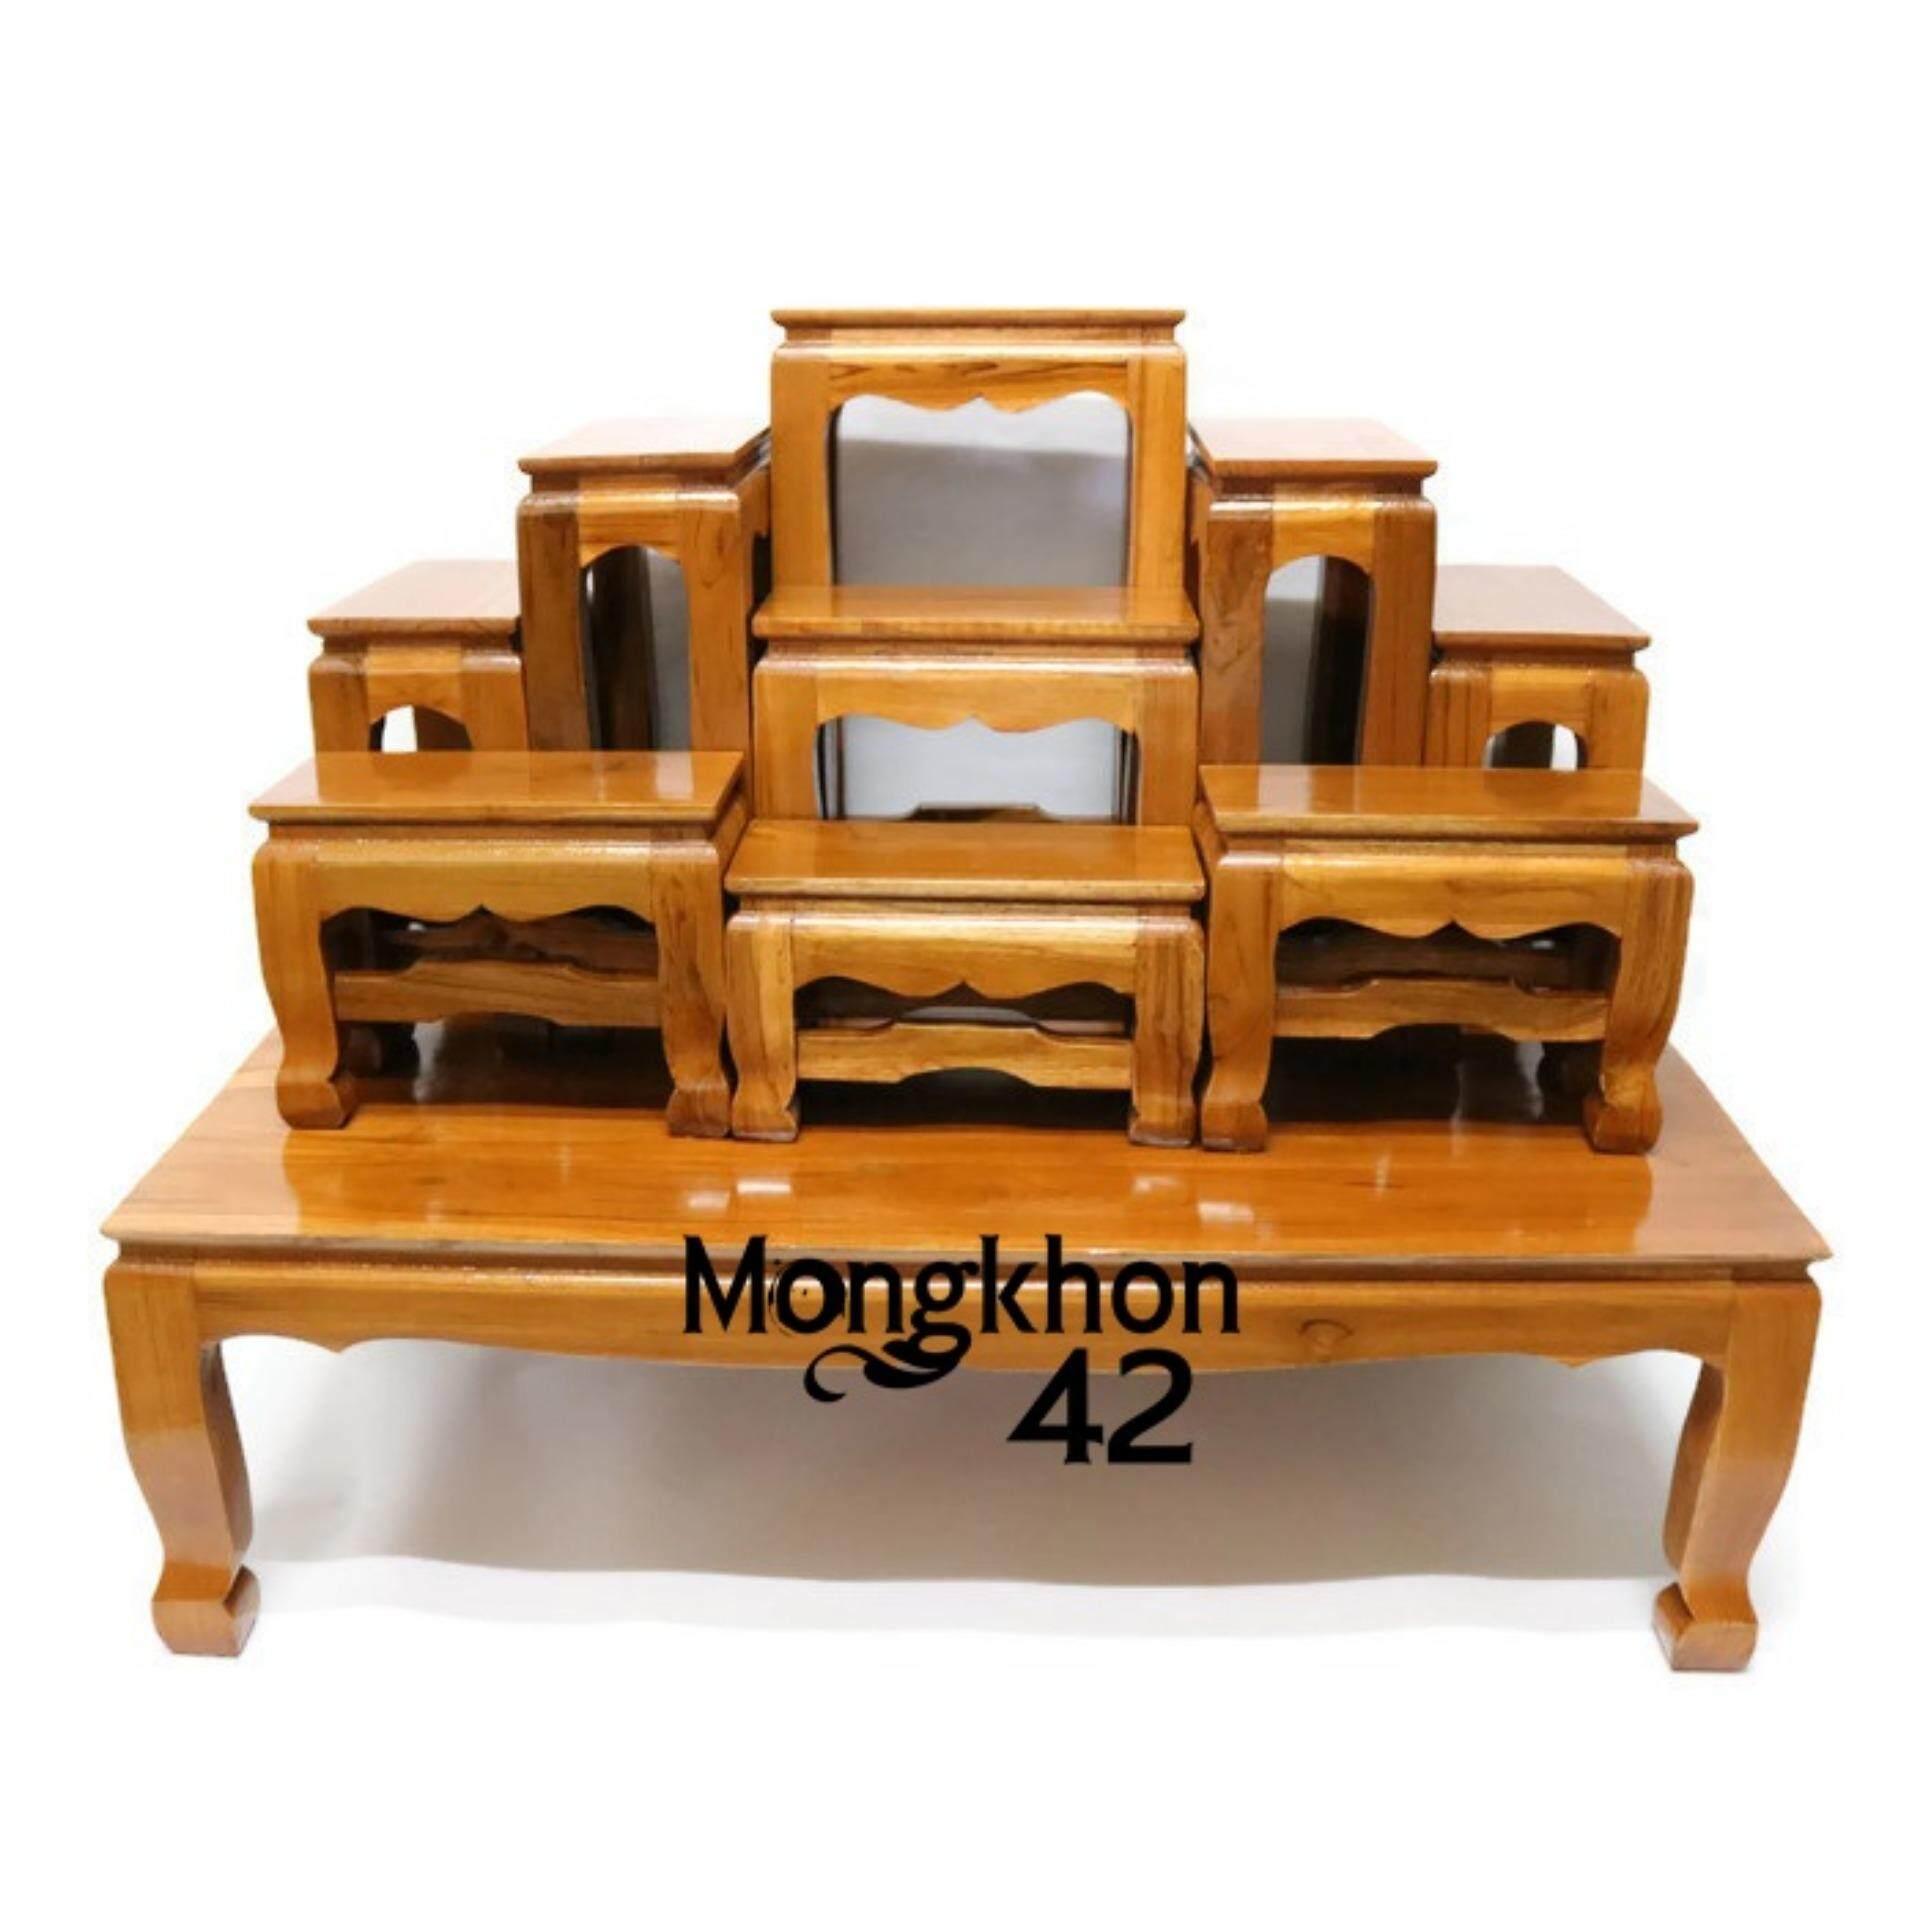 โต๊ะหมู่บูชาพระ ไม้สักทอง หมู่ 9 หน้า 5 สีย้อม ถูก